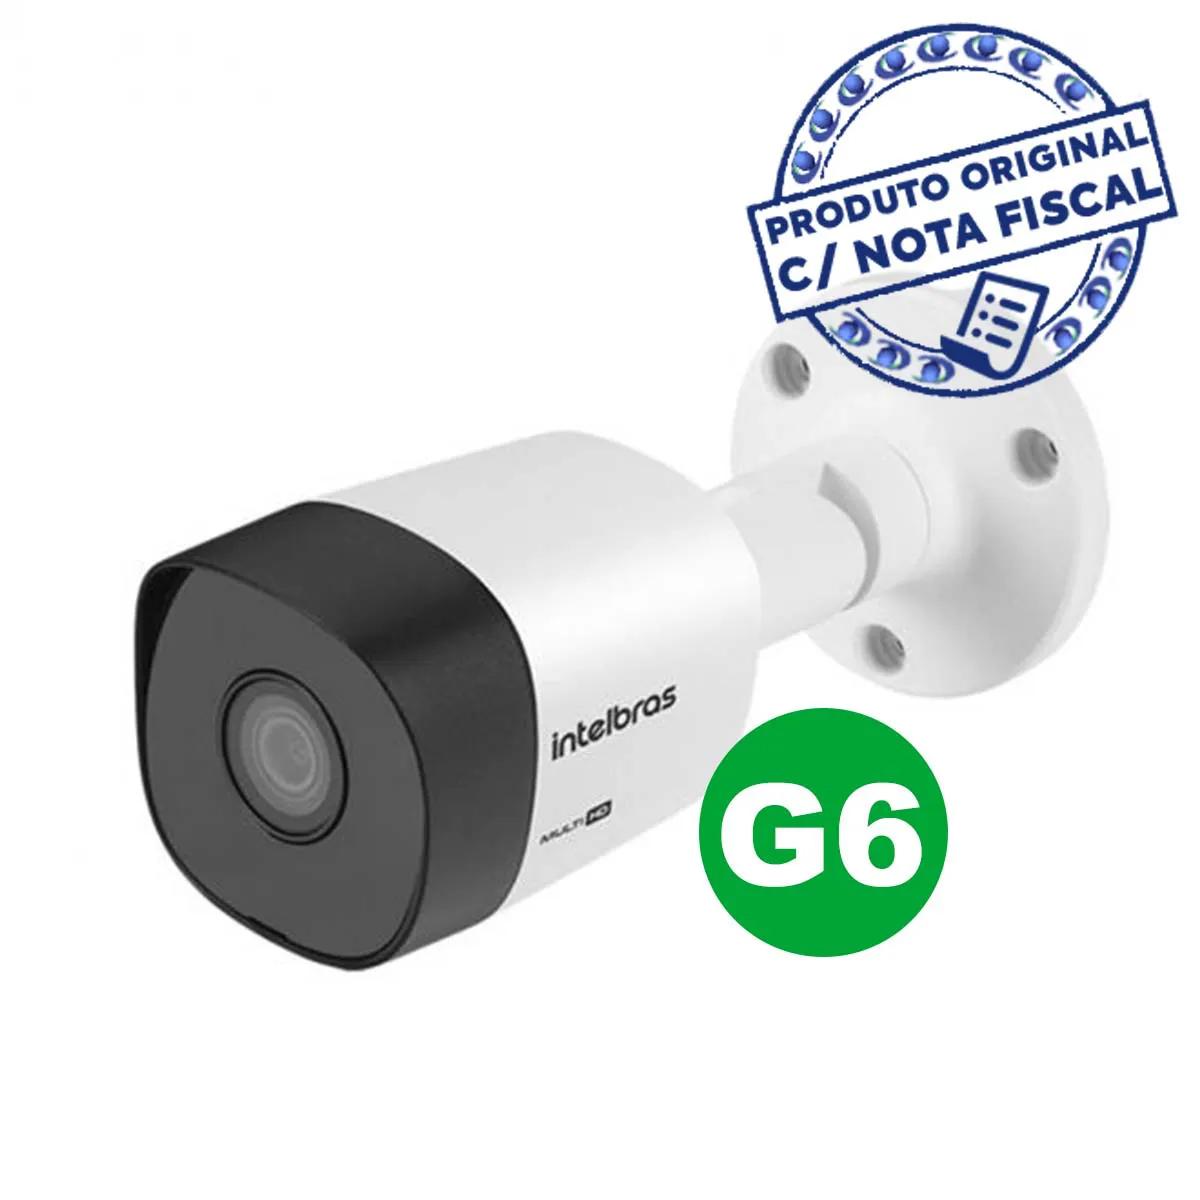 Kit CFTV 16 câmeras Vhd 3120 B  G6 + DVR 1116 C/ HD 2TB + Cabo de Brinde